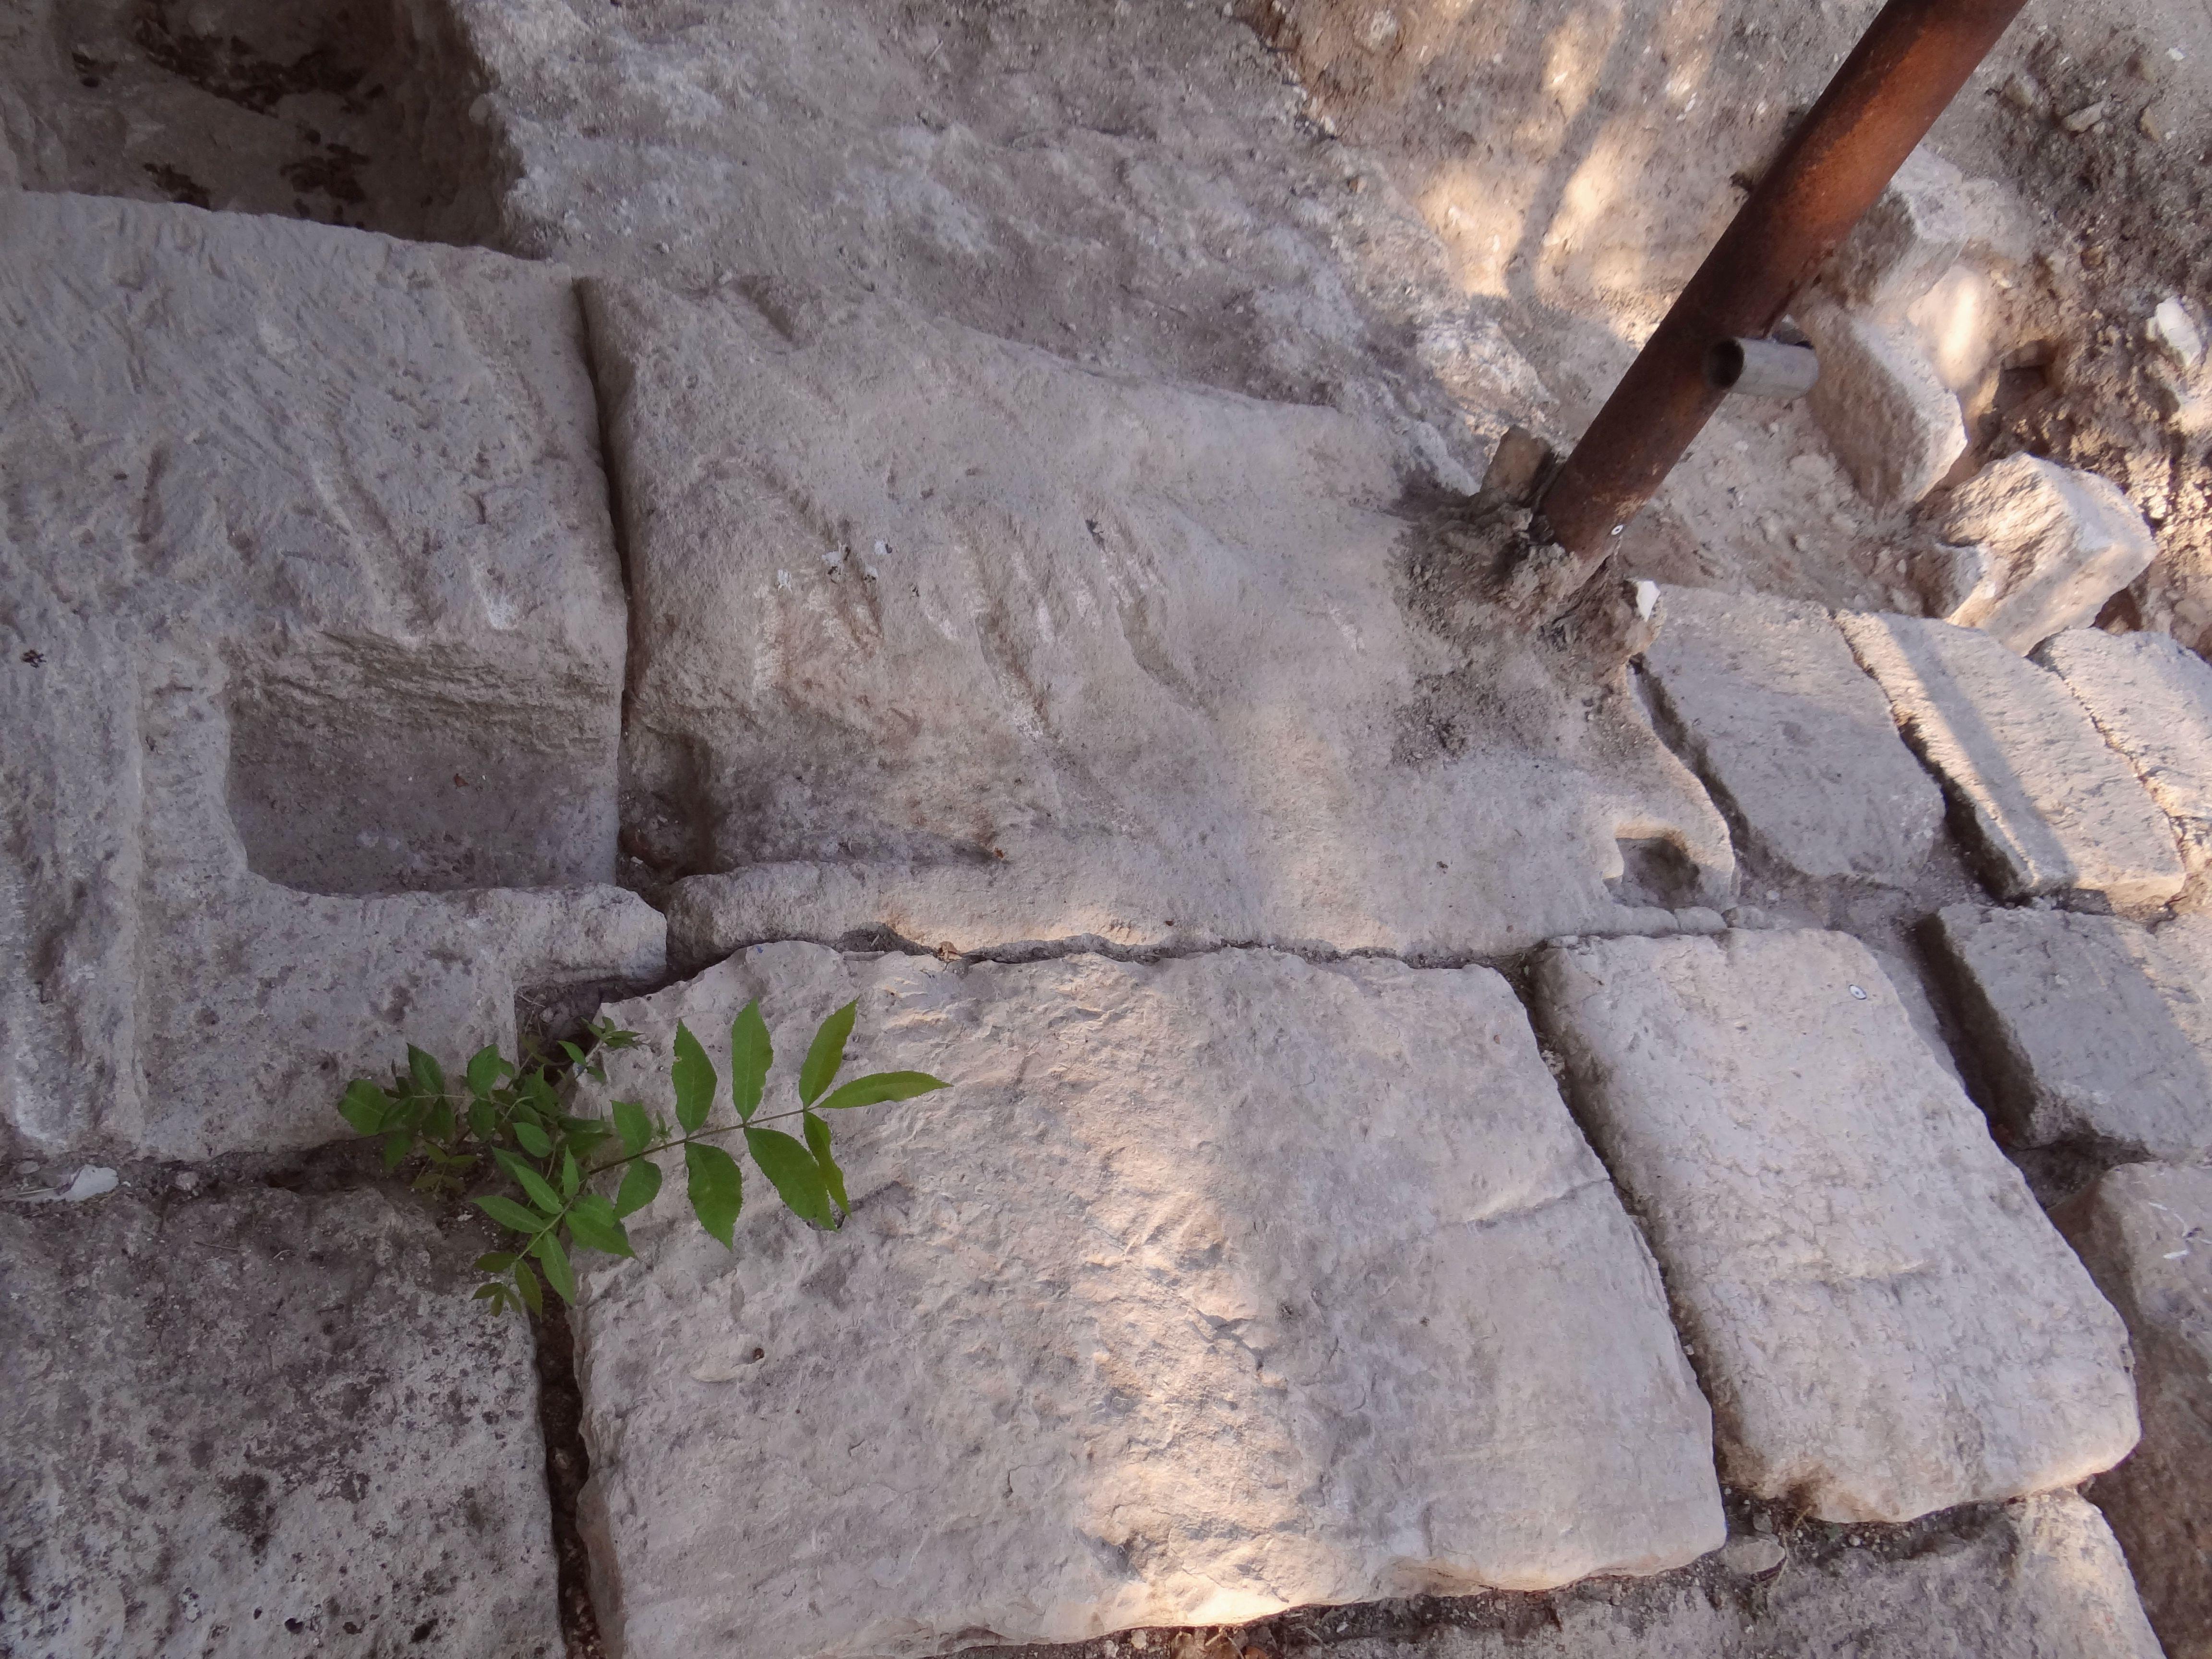 FileBeit Sheu0027arim Gate with door jacks 6 (2).jpg & File:Beit Sheu0027arim Gate with door jacks 6 (2).jpg - Wikimedia Commons